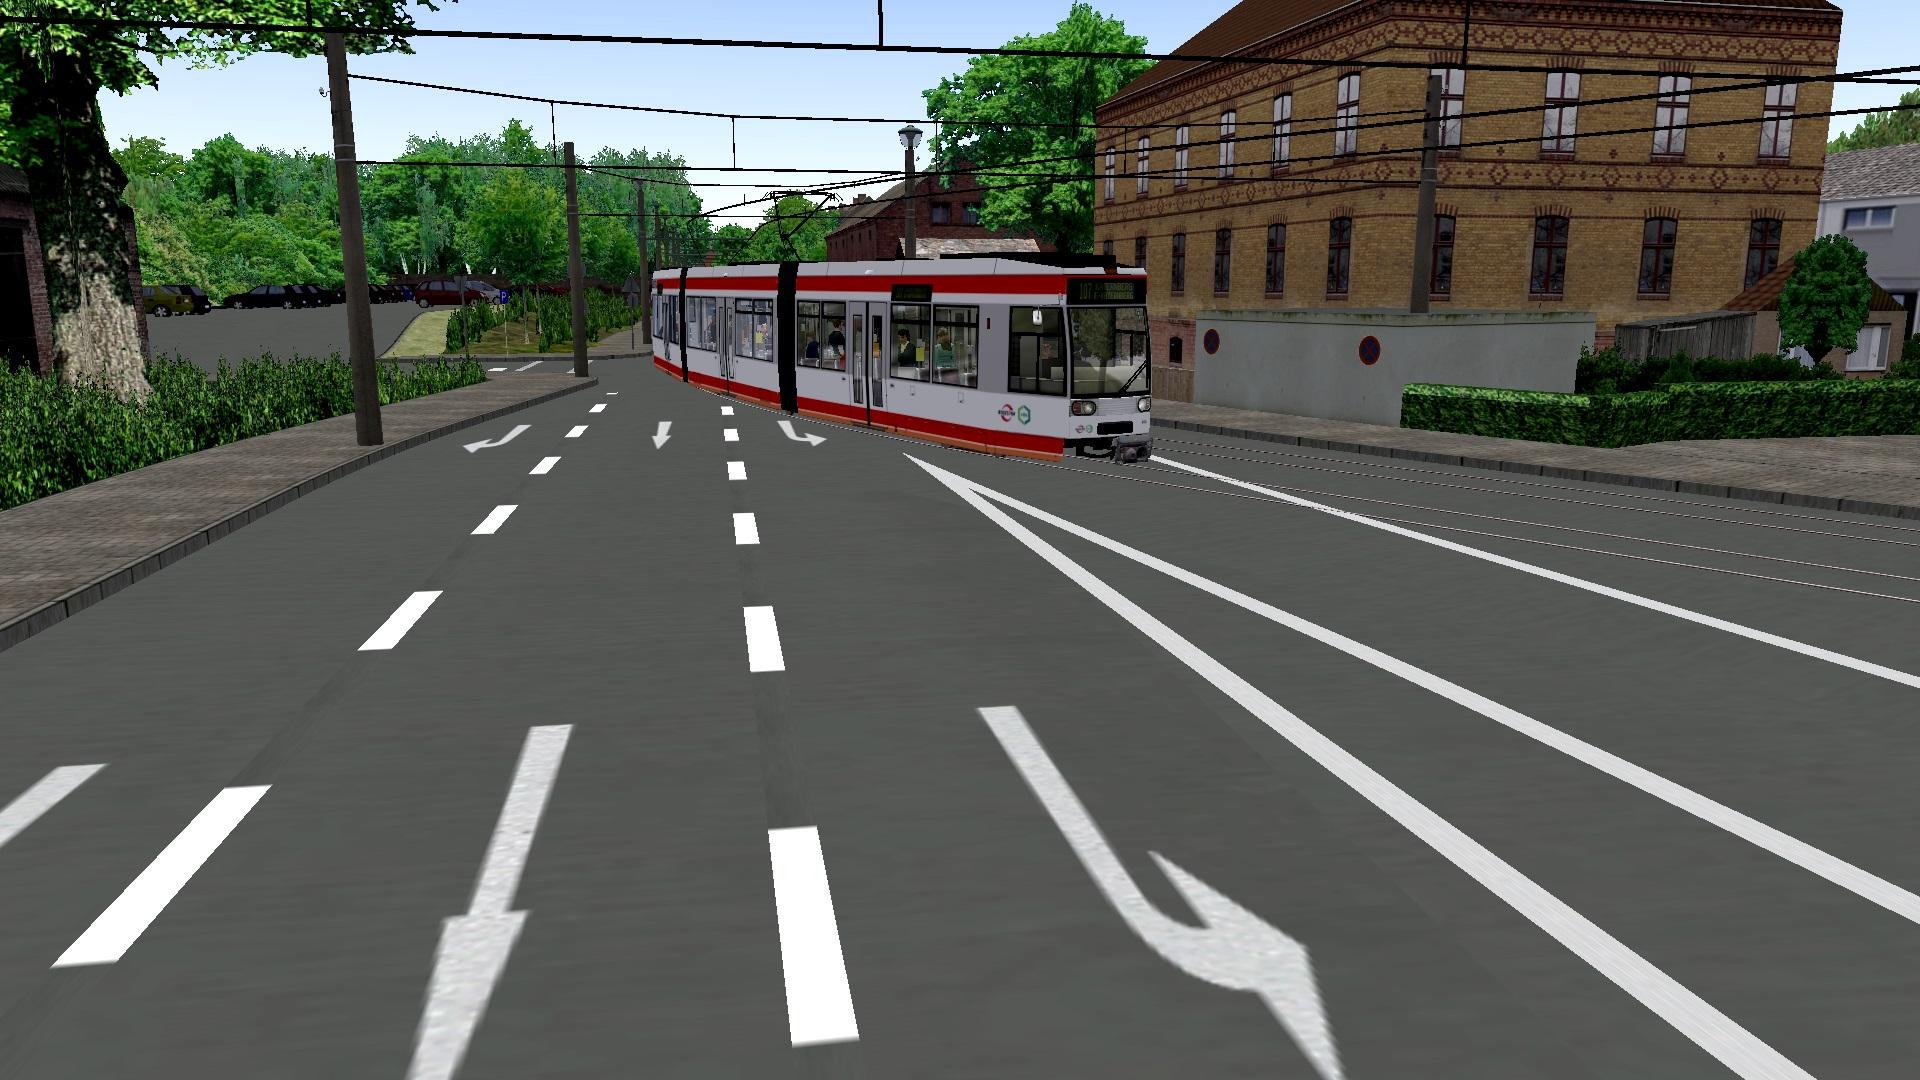 Essen gelsenkirchen strassenbahn 107 Route: